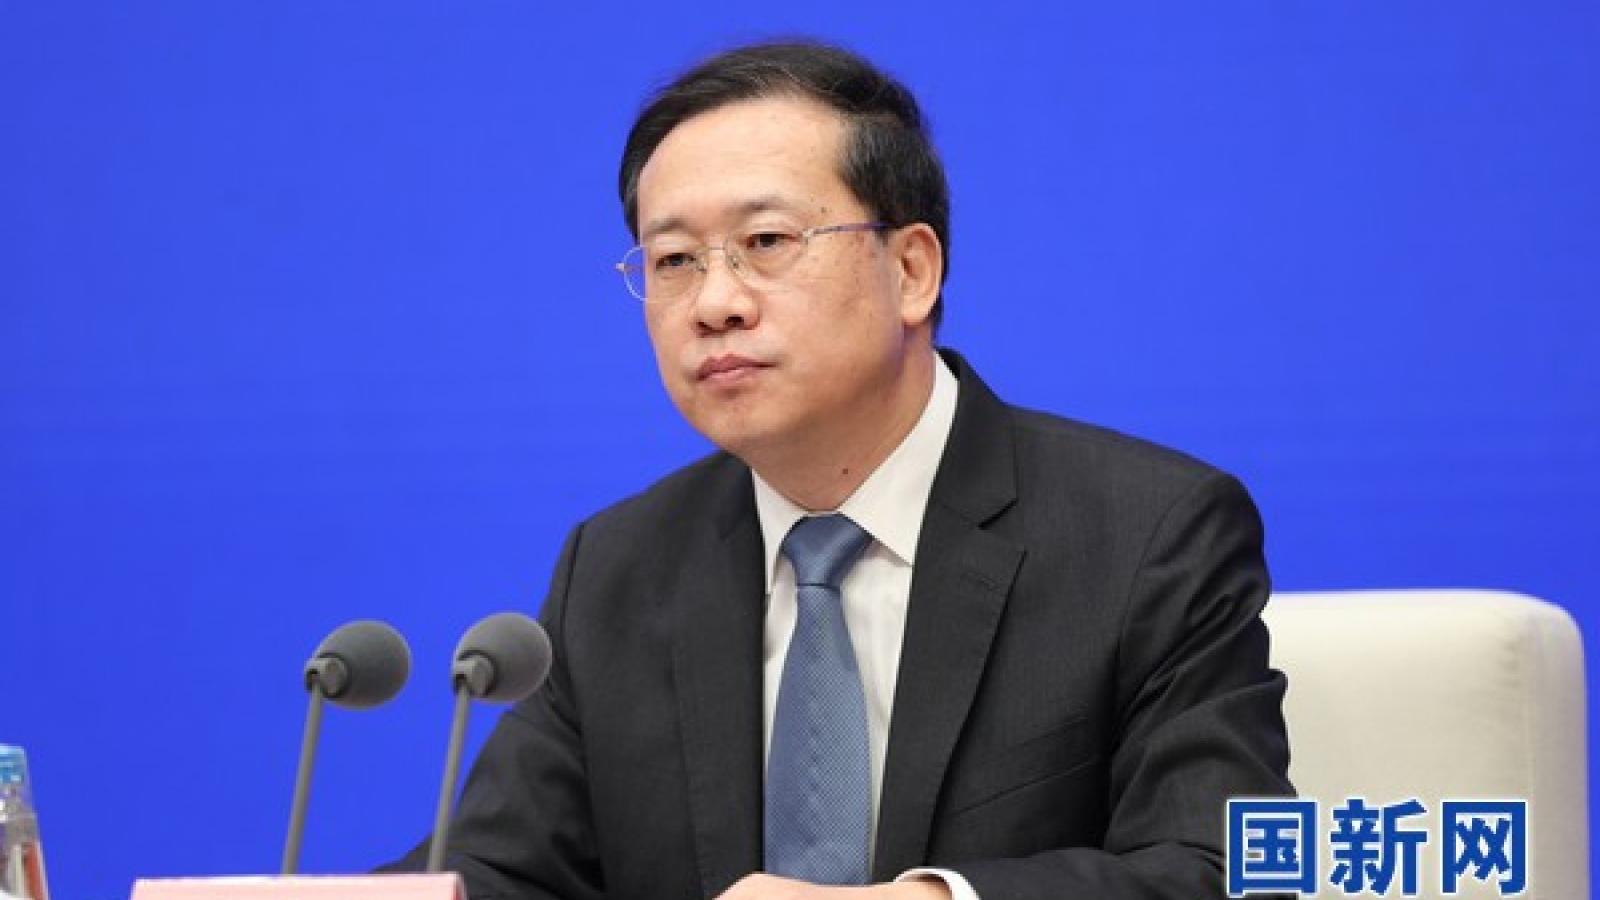 Trung Quốc phủ nhận quan hệ với các nước xấu đi vì Covid-19